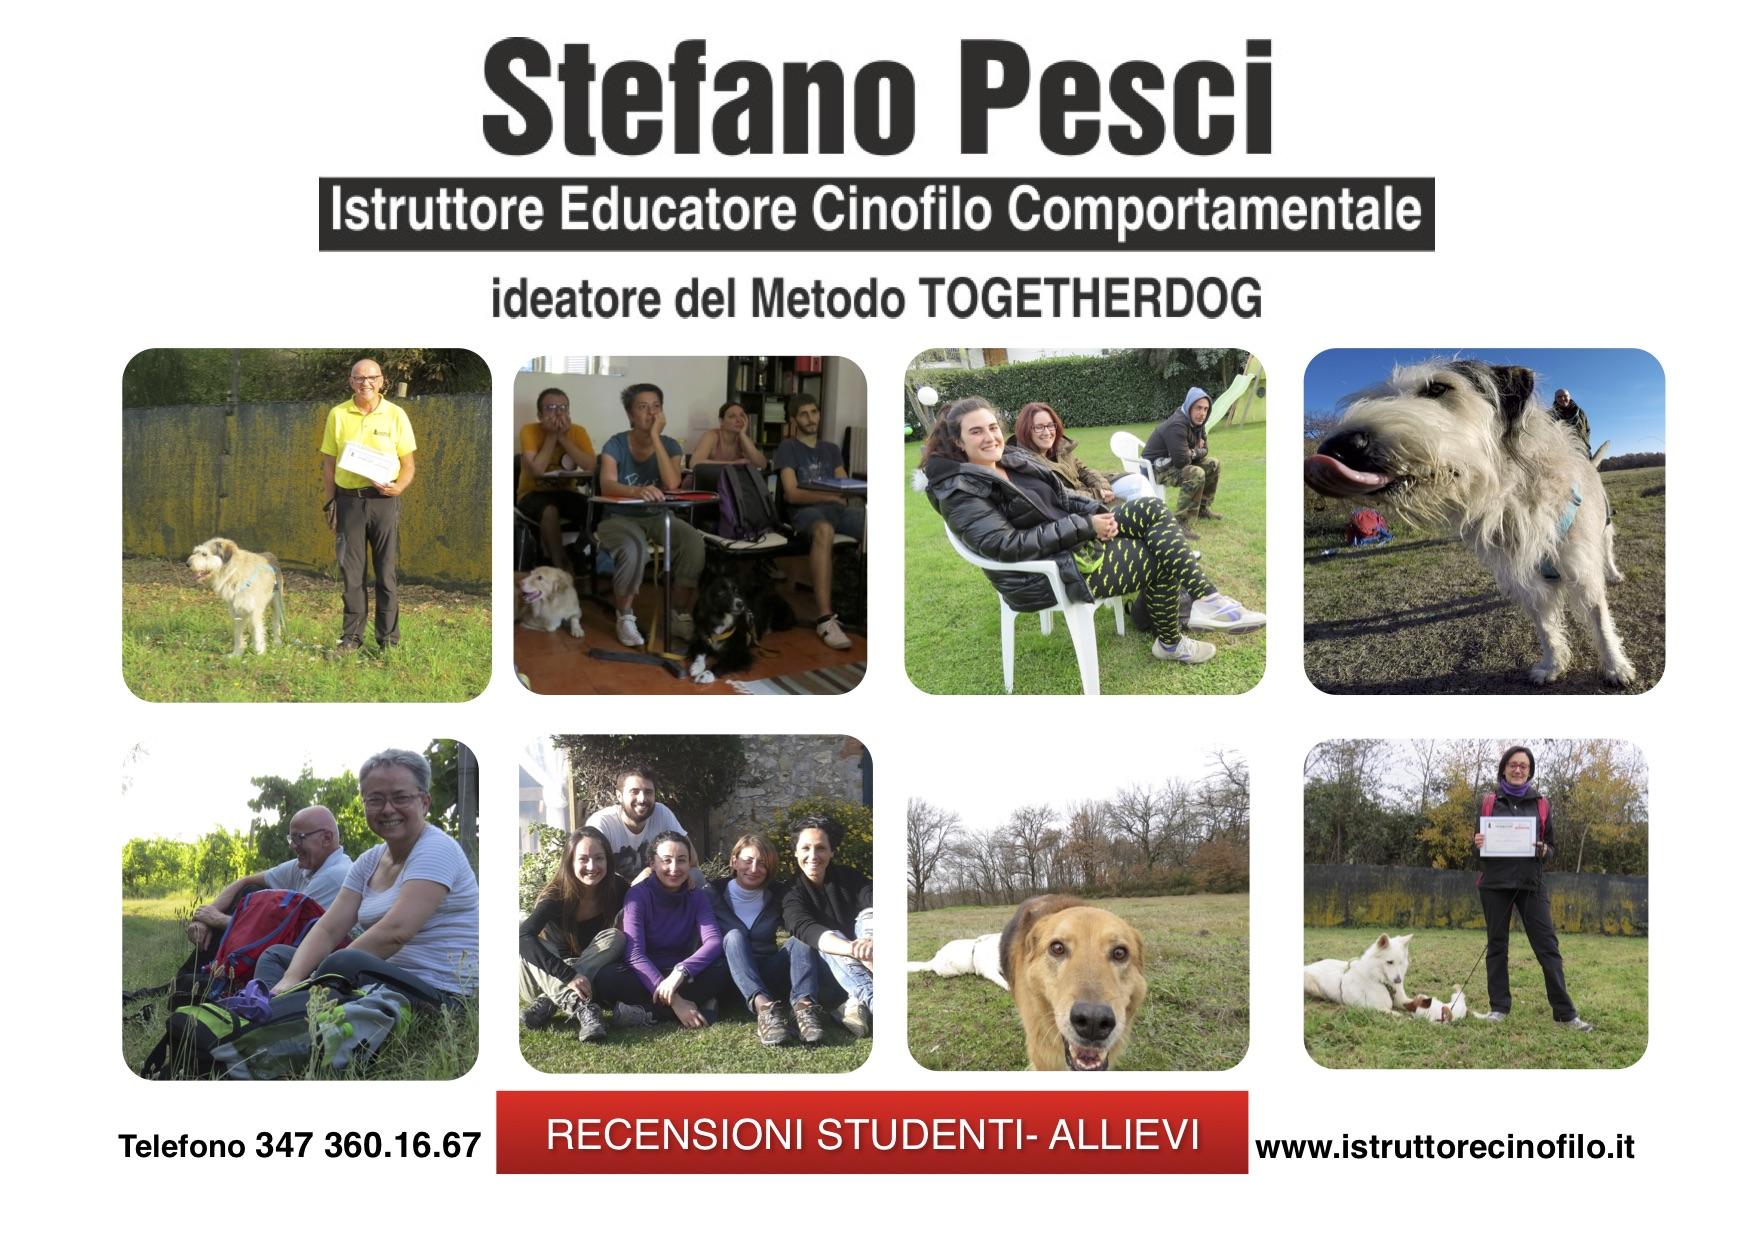 Recensioni studenti allievi - Stefano Pesci Istruttore Cinofilo Comportamentale